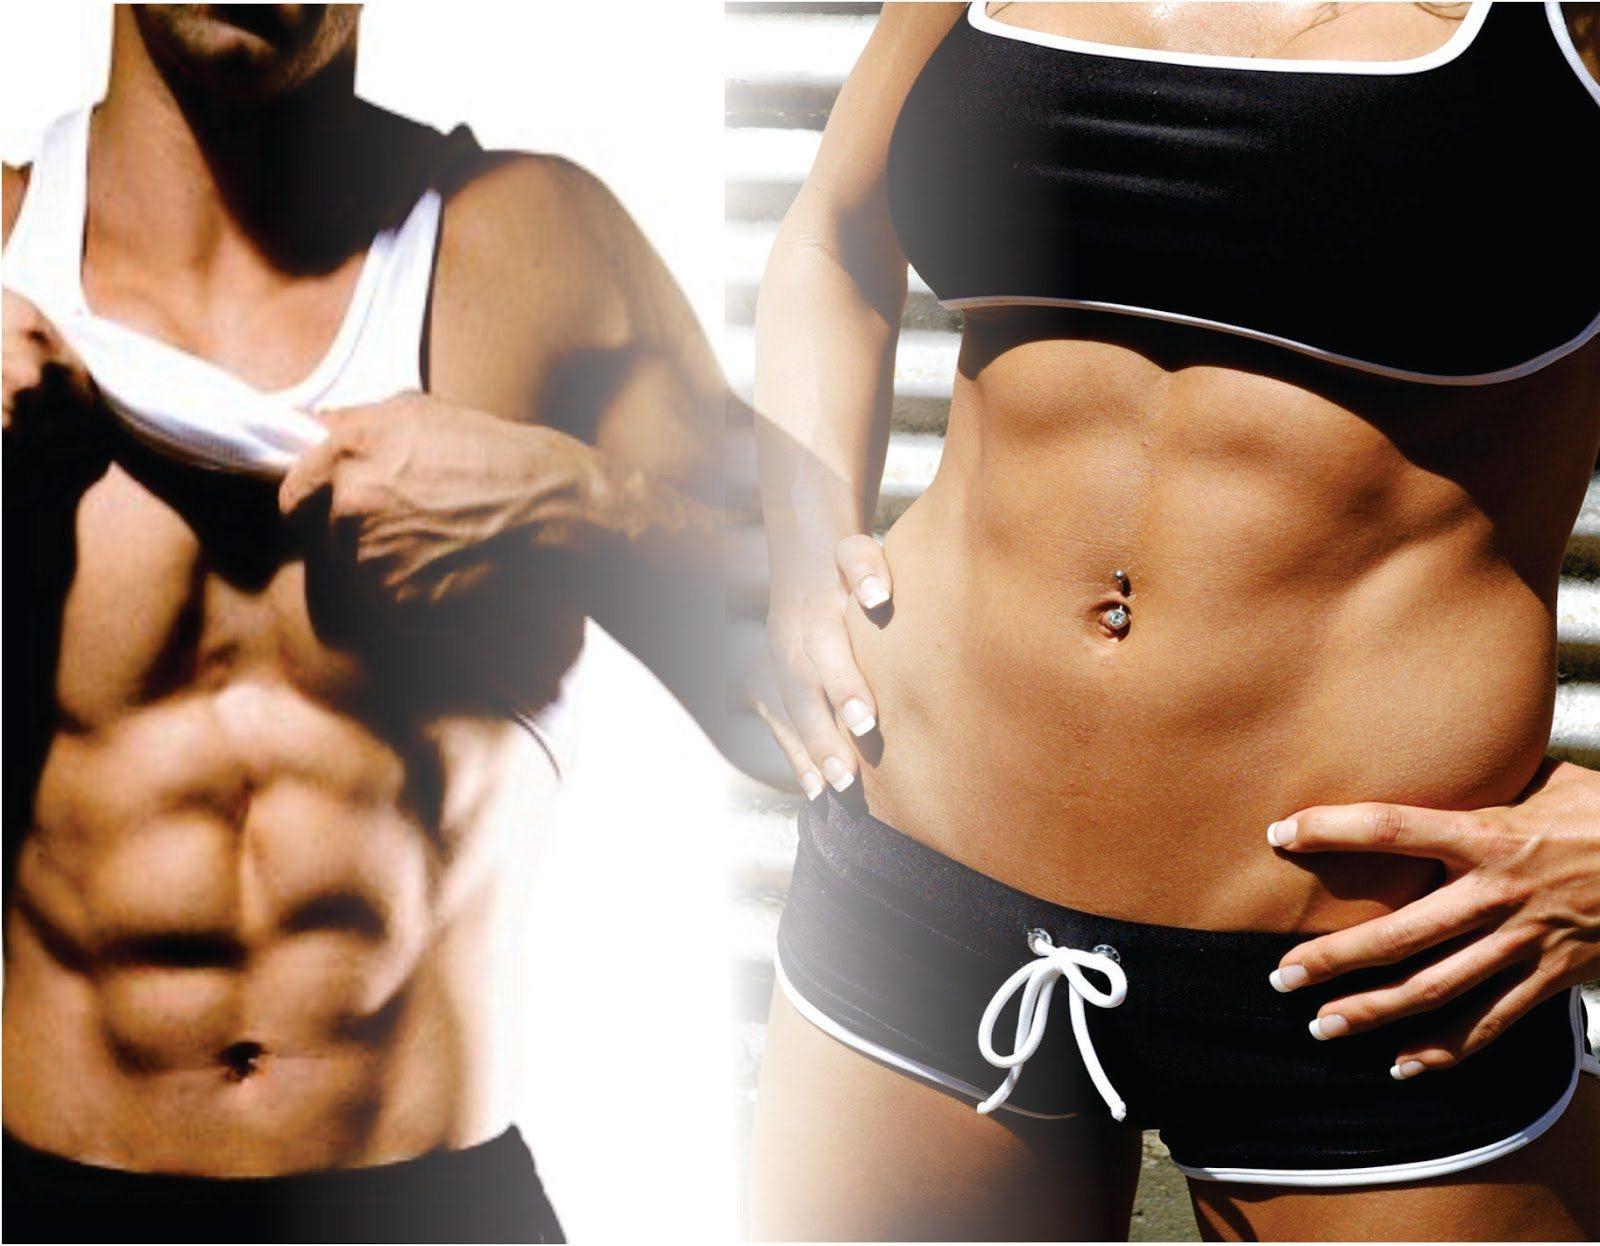 massa muscular homem mulher